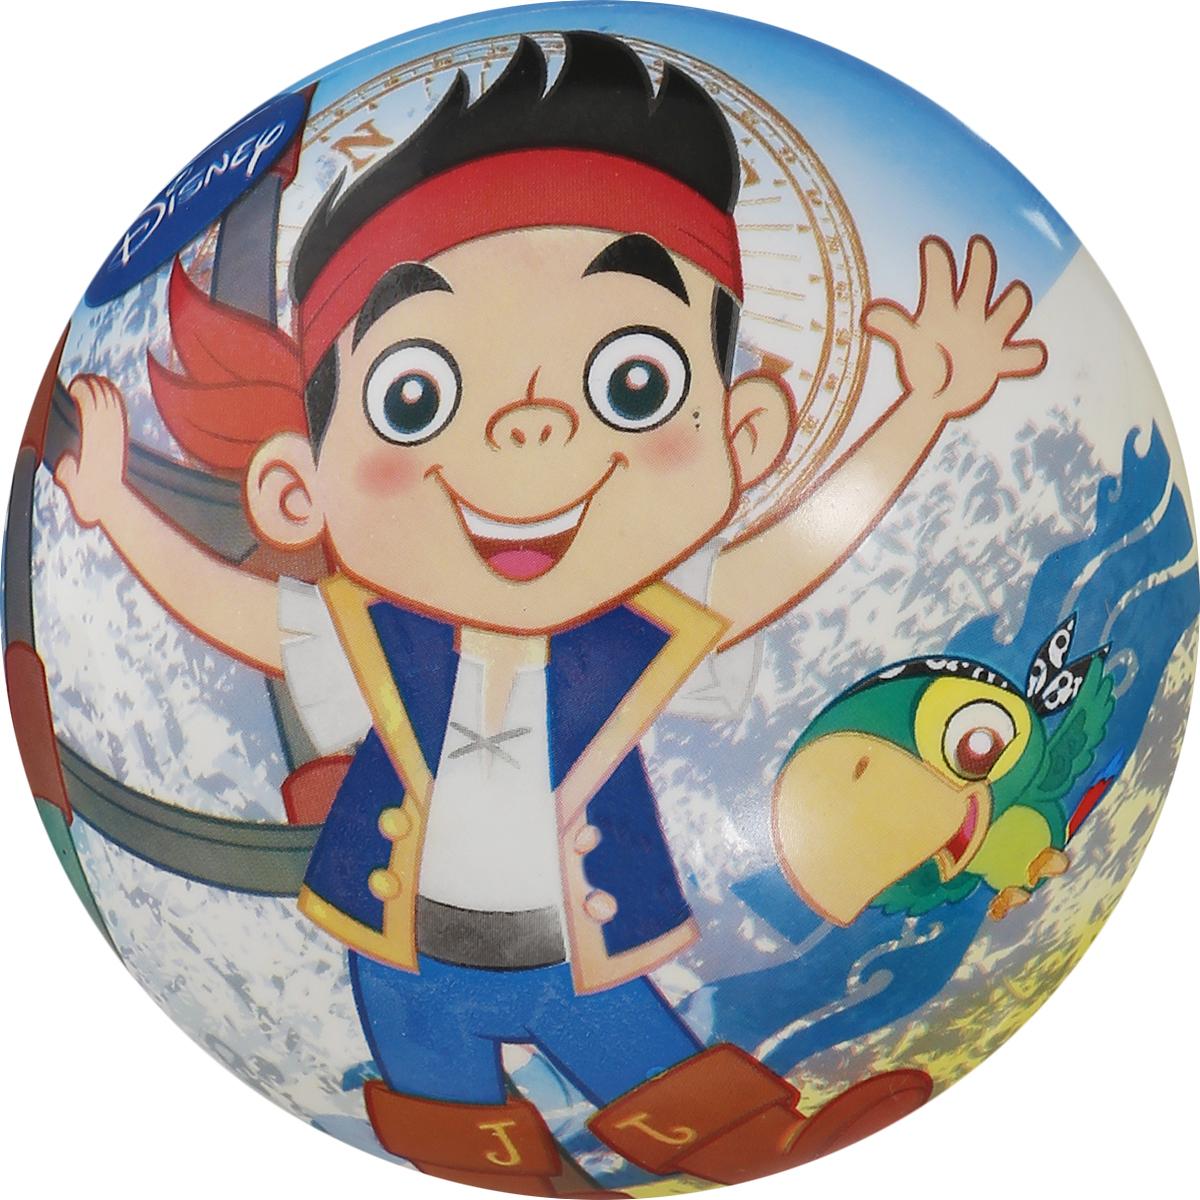 Мяч John Джек и пираты Нетландии, 13 см54072/50072WDЯркий детский мяч John Джек и пираты Нетландии - это игрушка для детей любого возраста. Он выполнен из ПВХ и оформлен ярким рисунком. Мяч незаменим для любителей подвижных игр и активного отдыха, подходит для игр на воде. Игры с мячом развивают координацию движений, способствуют физическому развитию ребенка.